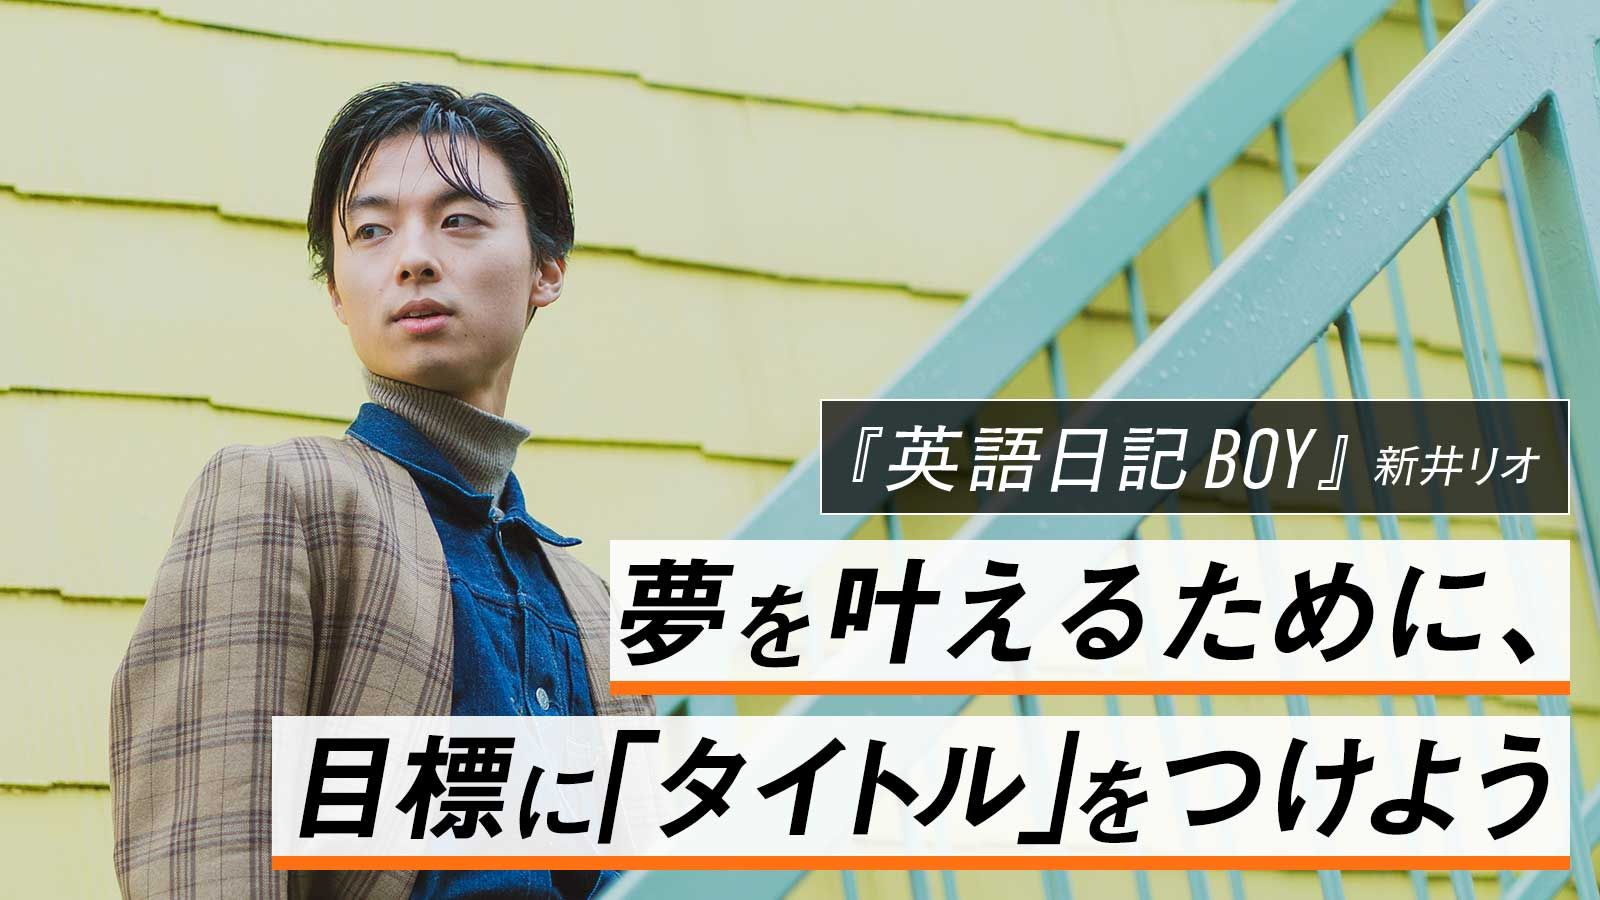 著書『英語日記BOY』が大ヒット。 新井リオに訊く、自分を「目標達成の達人」にする方法